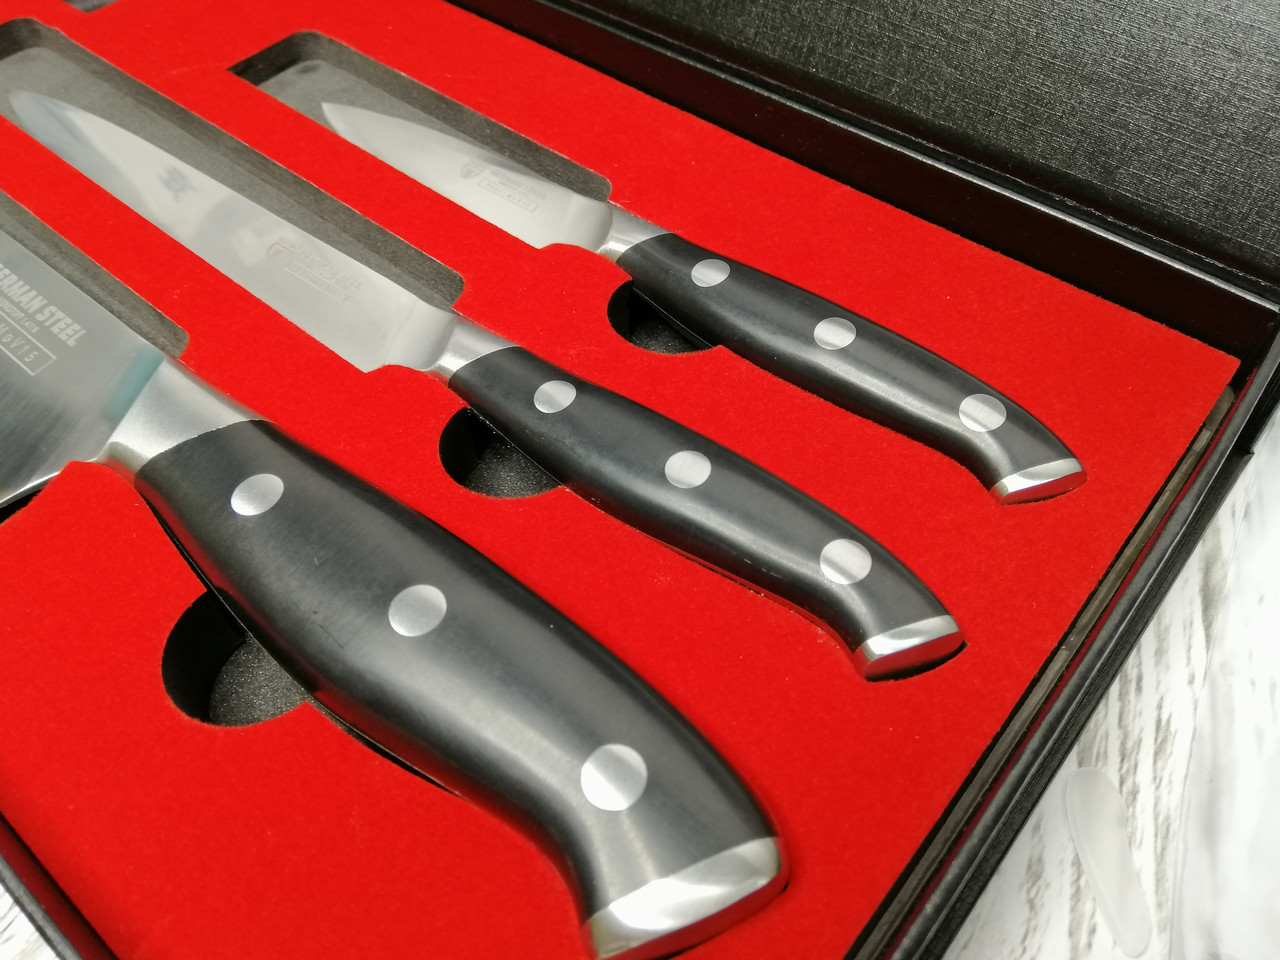 Набор кухонных ножей Gräwe из нержавеющей немецкой стали X50CrMoV15 из 3 предмета